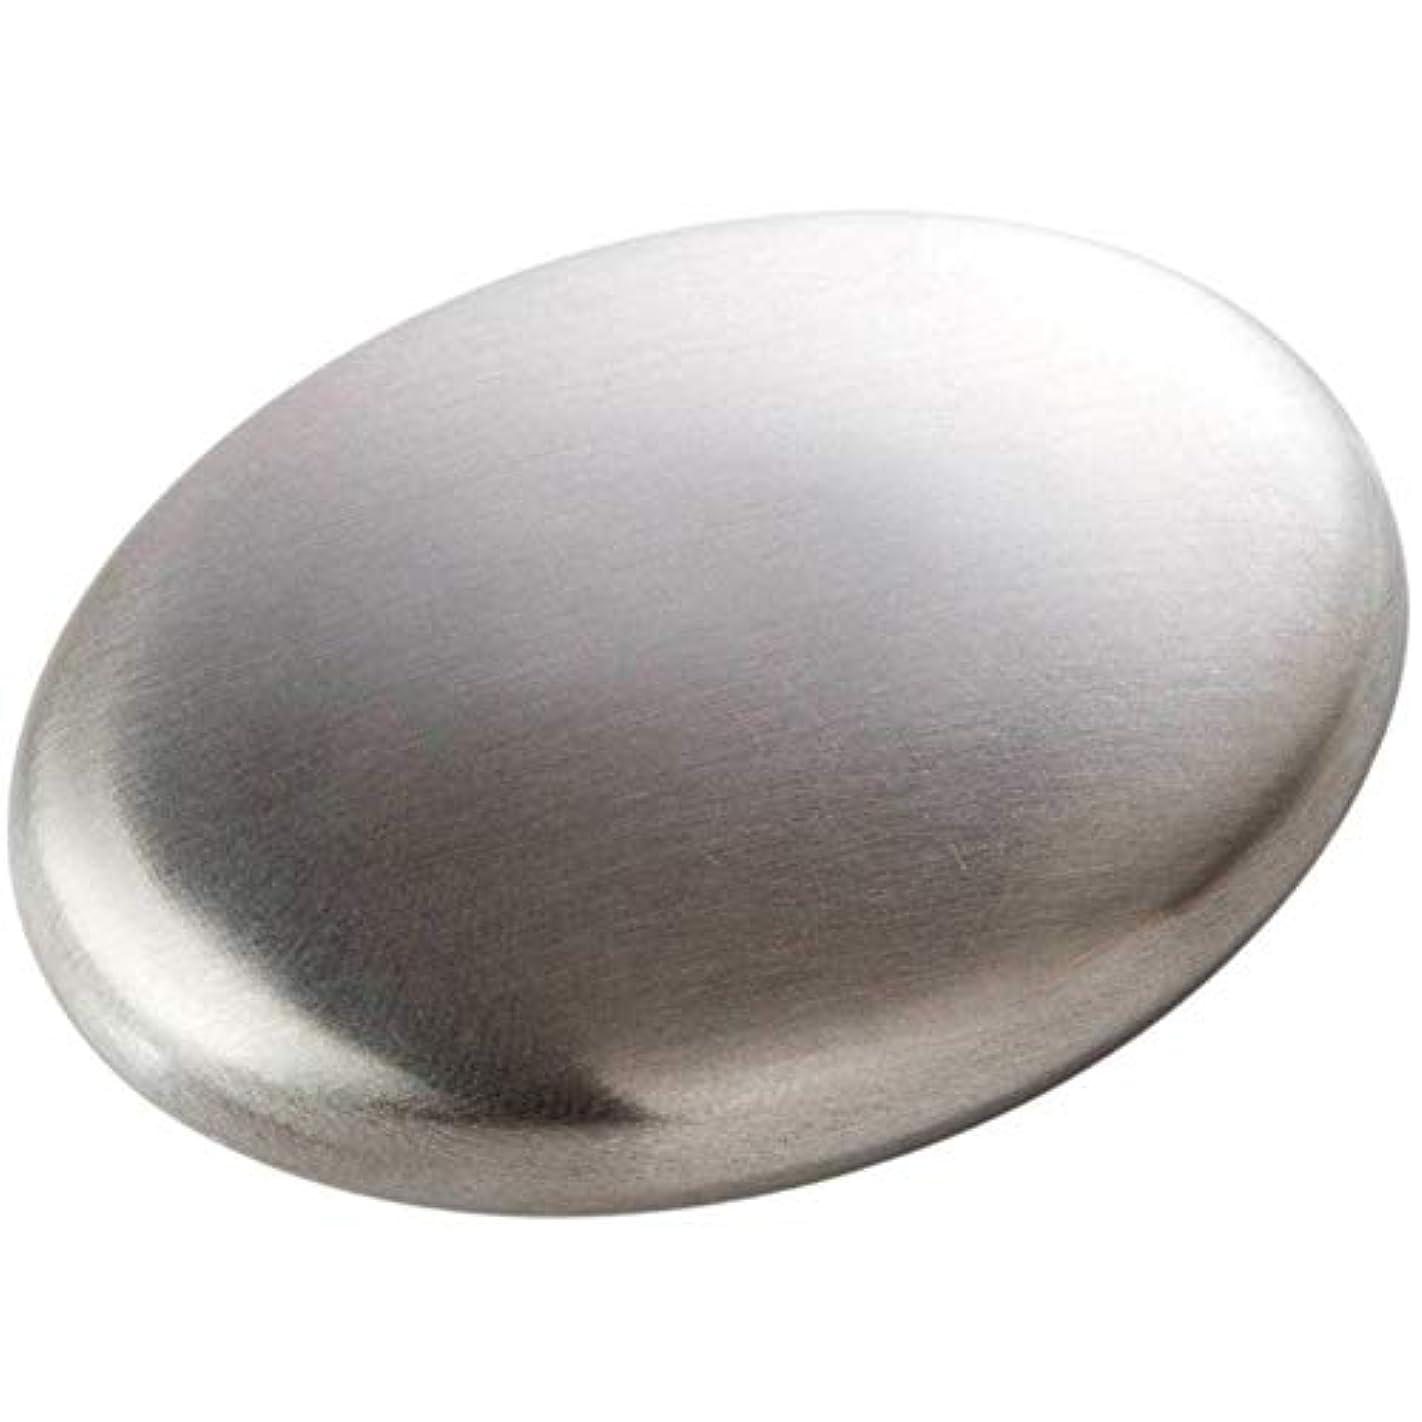 ラビリンス暖かくシェルせっけん ステンレス鋼 消臭 石鹸 にんにくと魚のような臭いを取り除き ステンレス鋼 臭気除去剤 匂い除去剤 最新型 人気 実用的 Cutelove